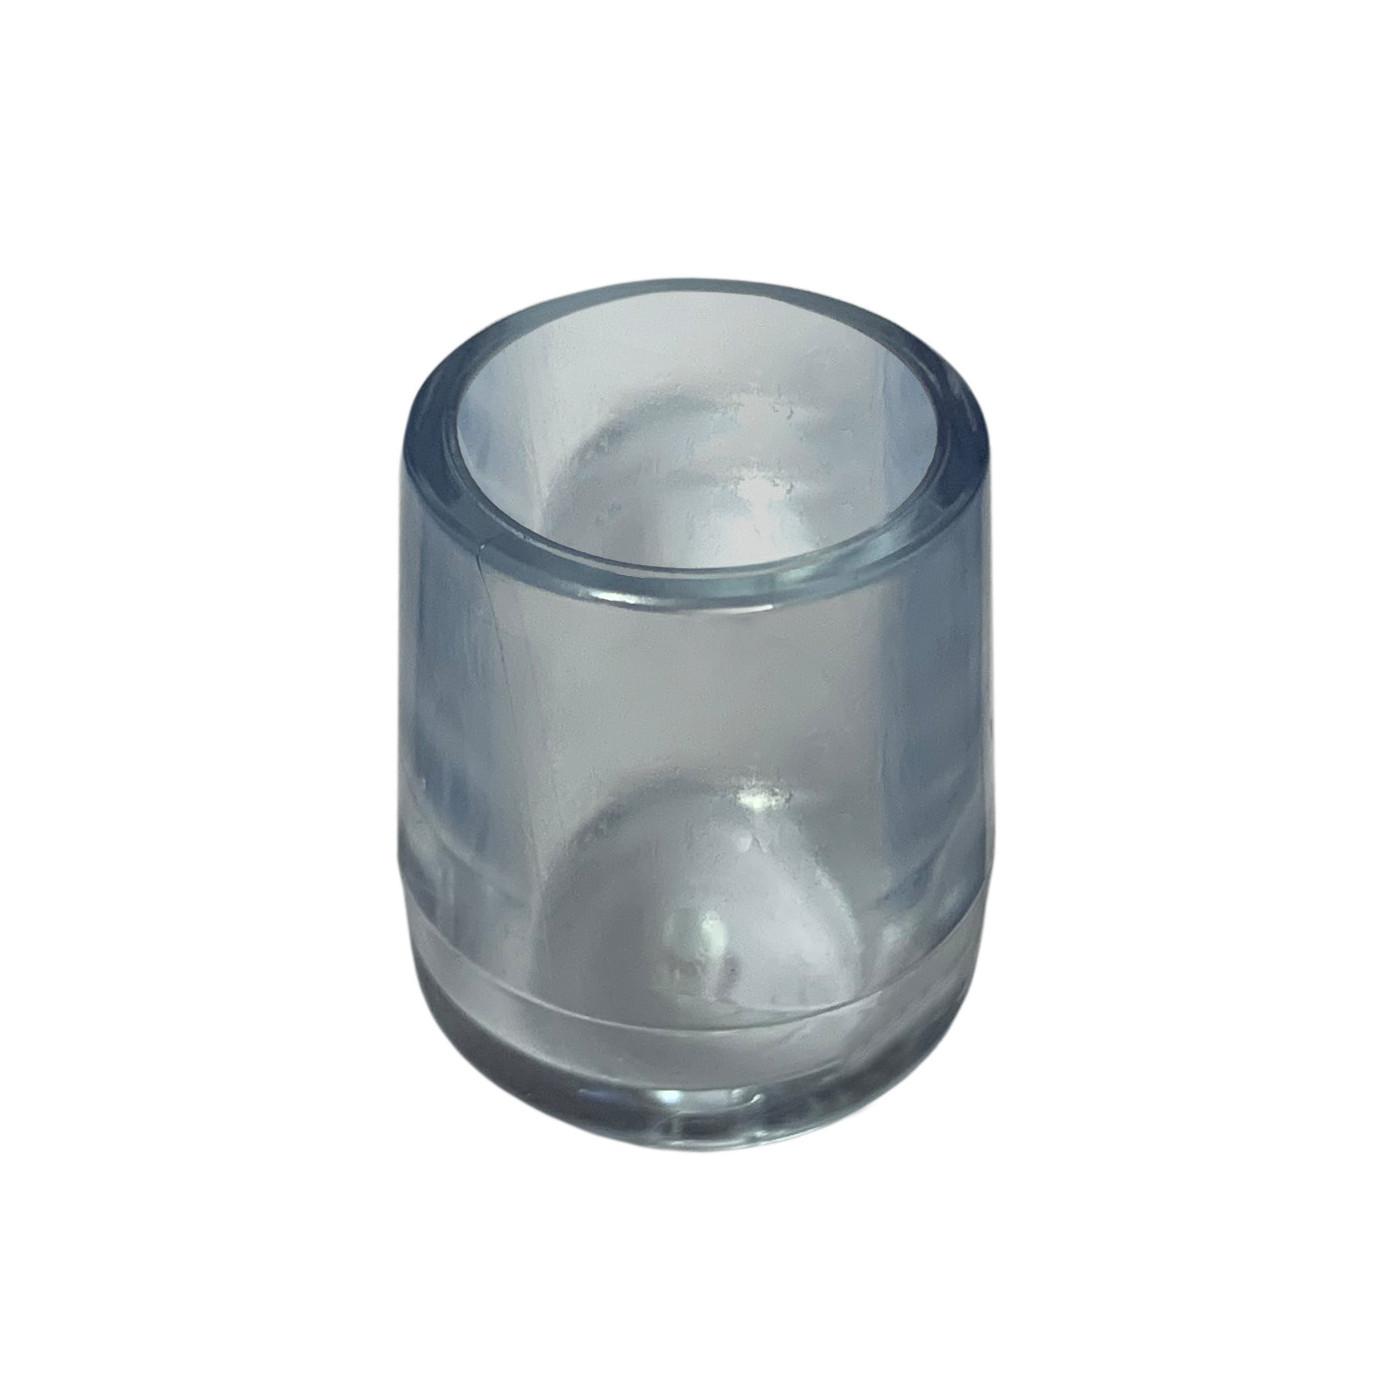 Jeu de 16 couvre-pieds de chaise en silicone (extérieur, extra robuste, rond, 12,7 mm, transparent) [O-RO-12.7-TX]  - 1